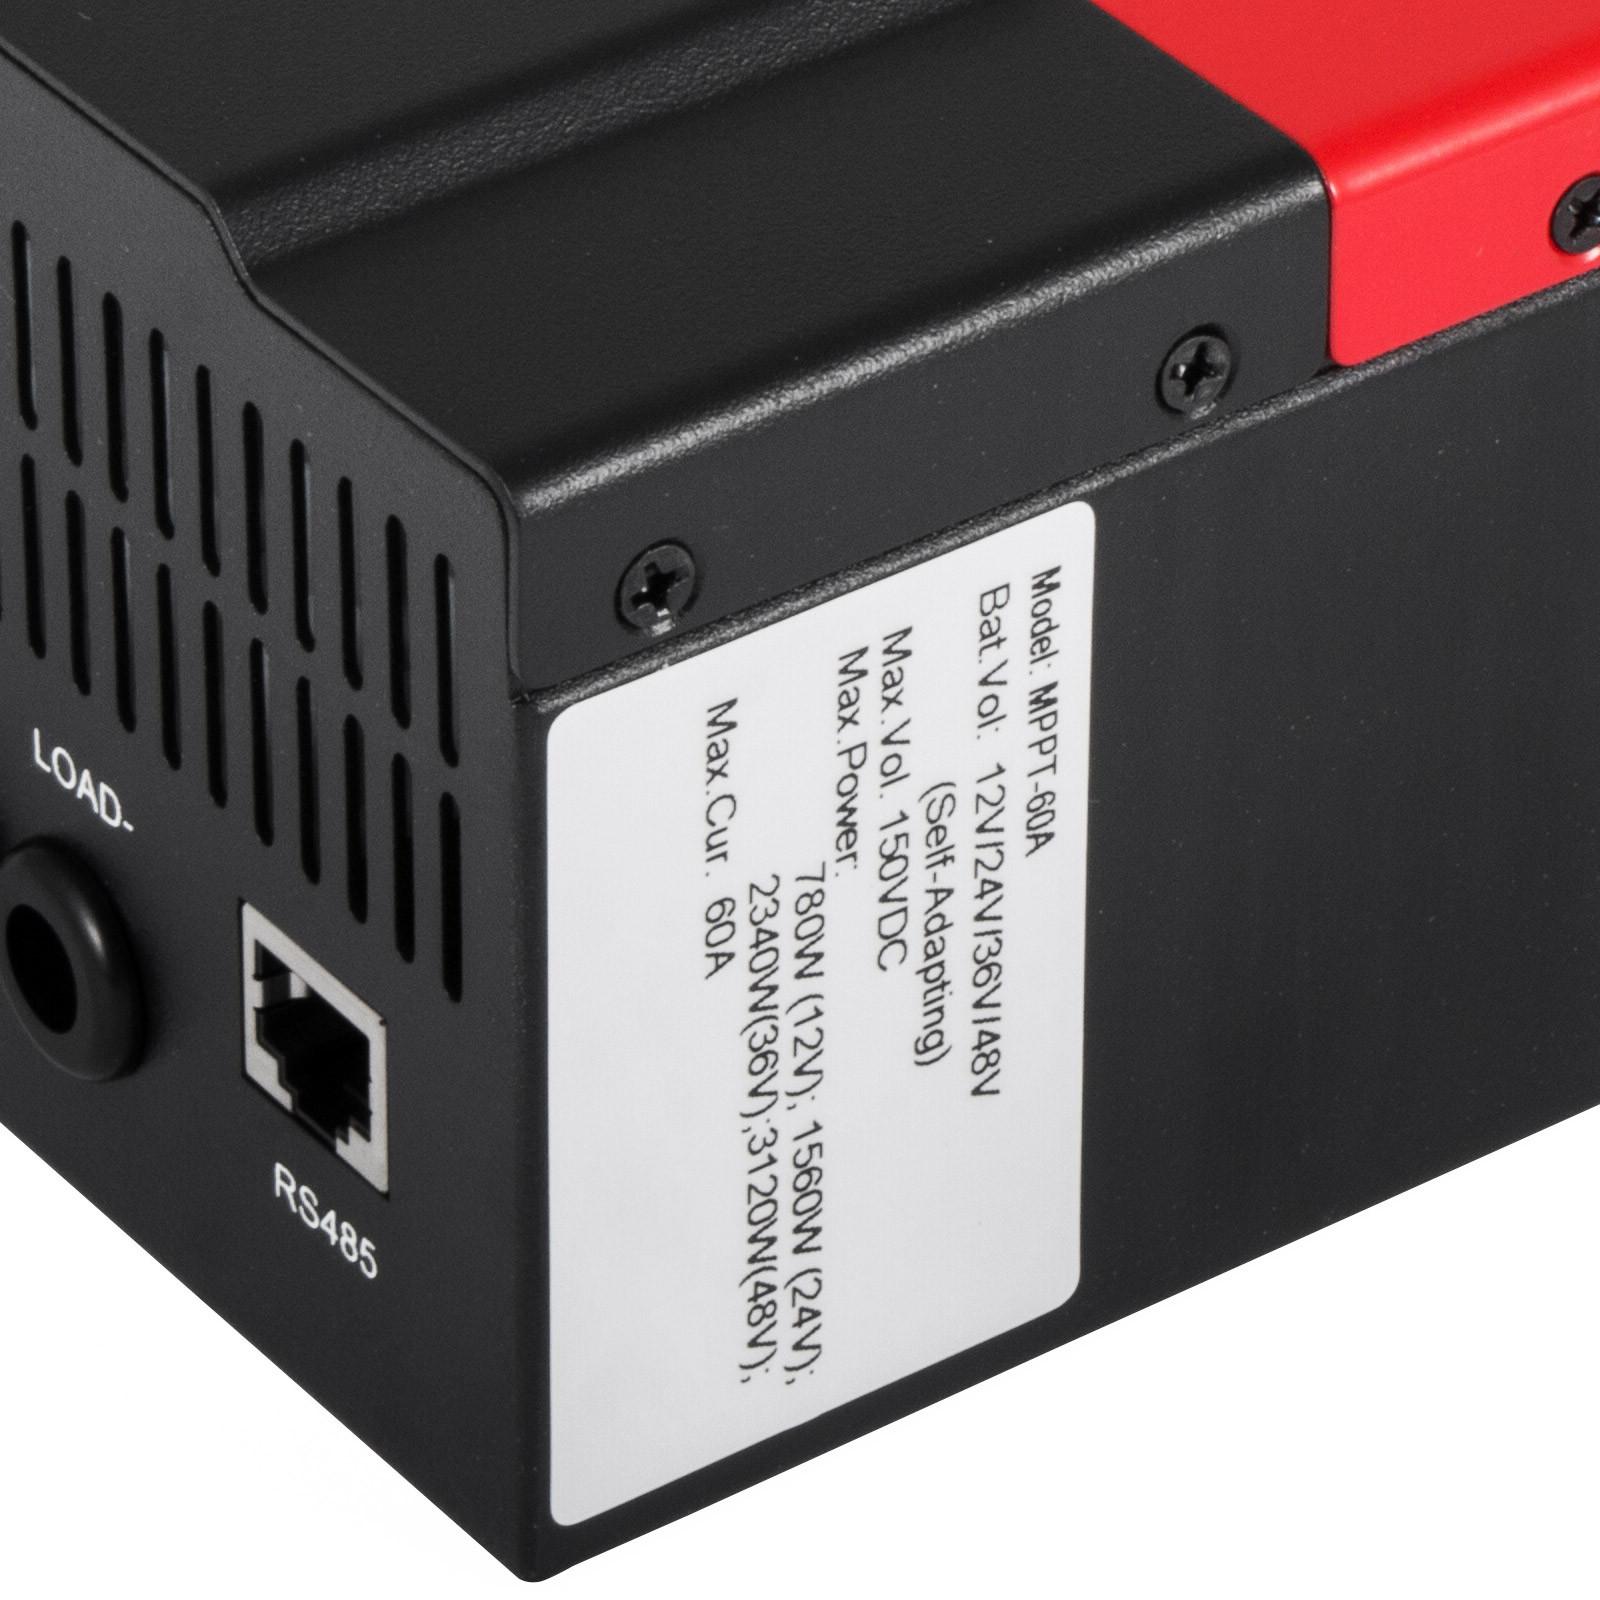 ESMART-3-LCD-40a-50a-60a-12v-24v-36v-48v-MPPT-Solar-Charge-Controller-Regolatore-di-carica miniatura 18